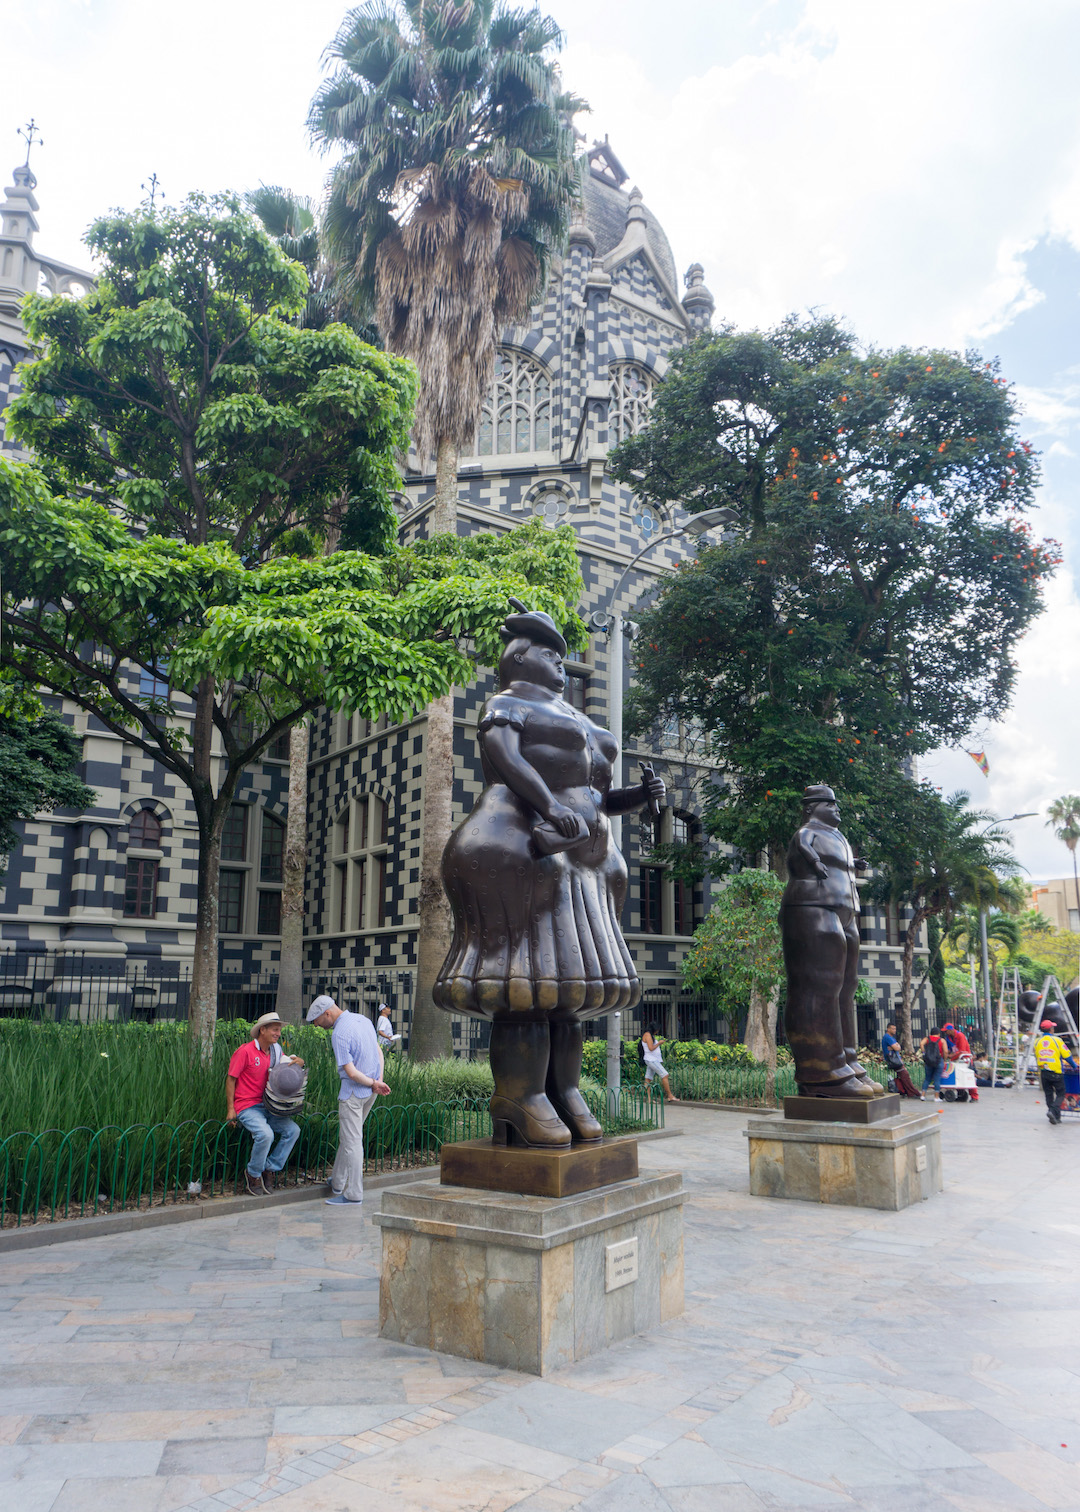 Her_Travel_Edit_Medellin_Plaza_Botero